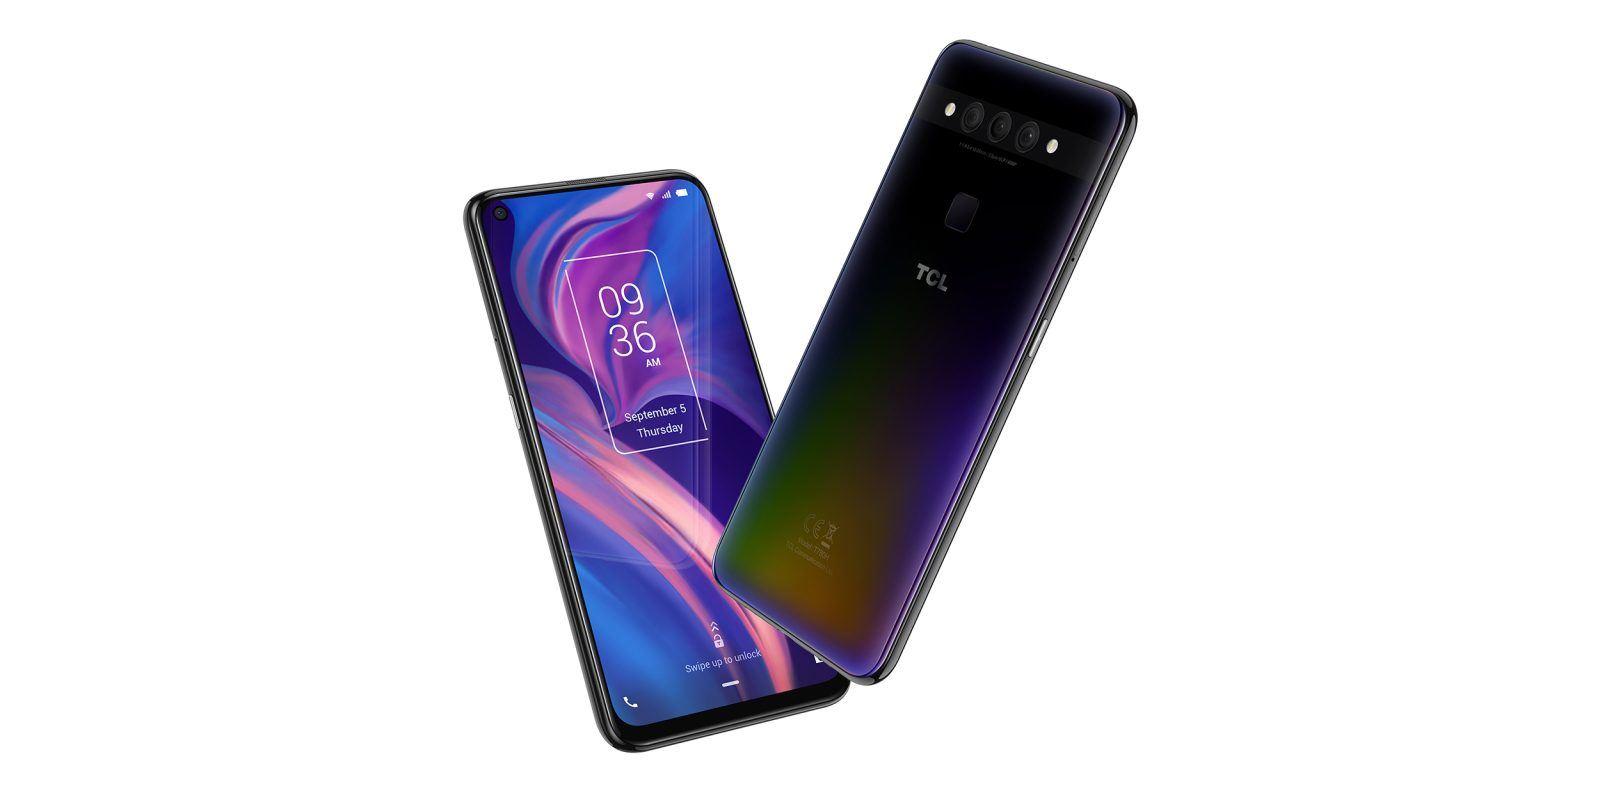 tcl-plex-smartphone-black